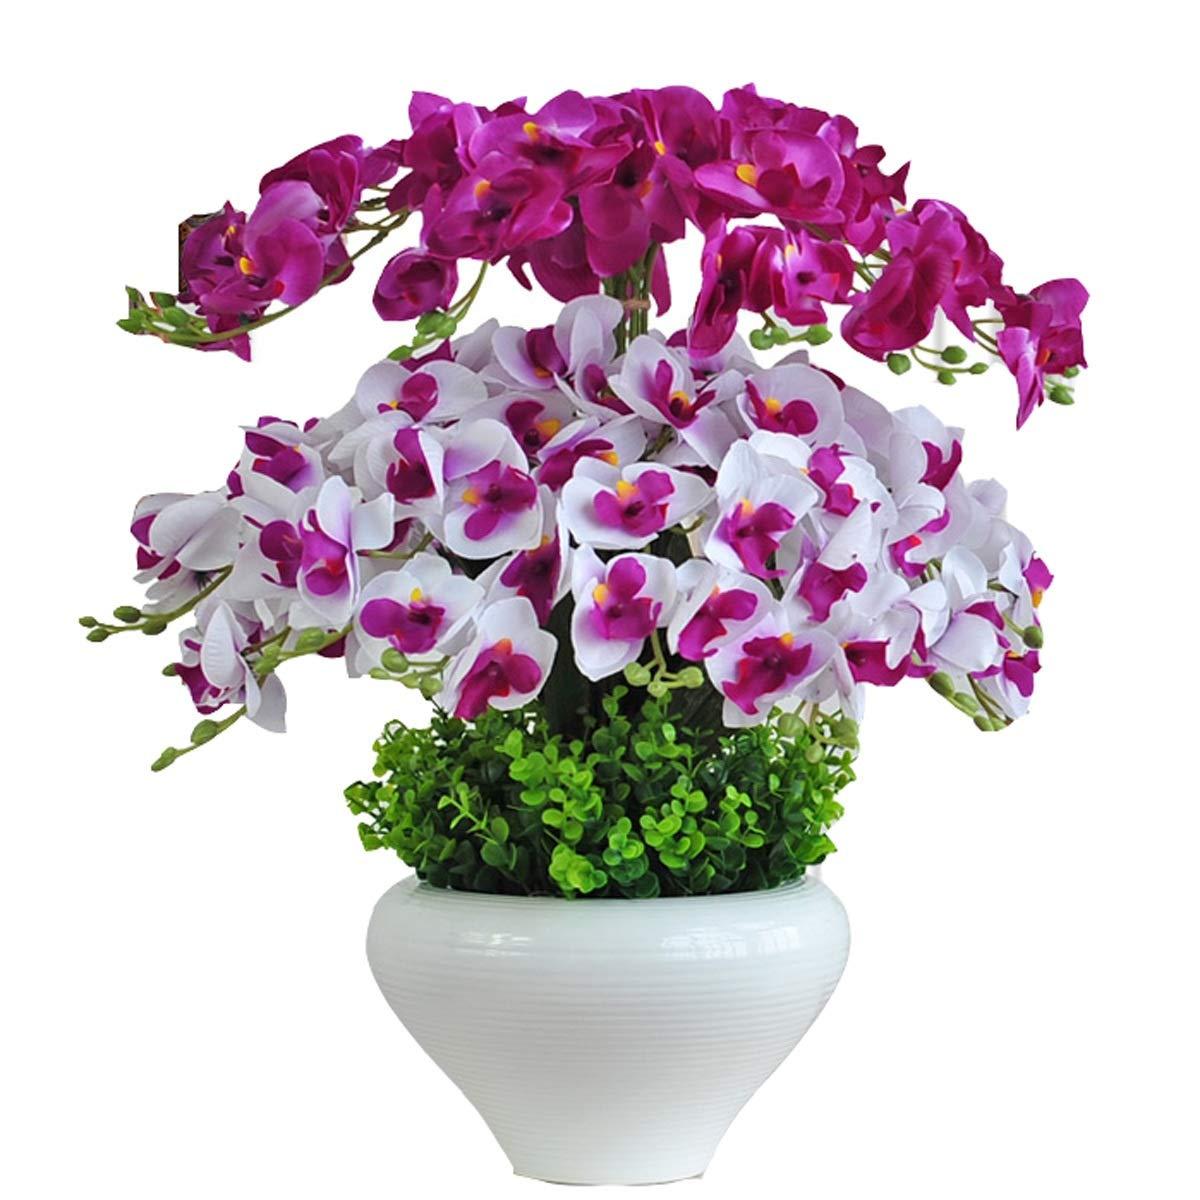 胡蝶蘭造花セット偽の花装飾フラワーアレンジメント用テーブルコーヒーテーブルリビングルーム結婚式の装飾多色オプション (色 : A) B07RY29PJT A